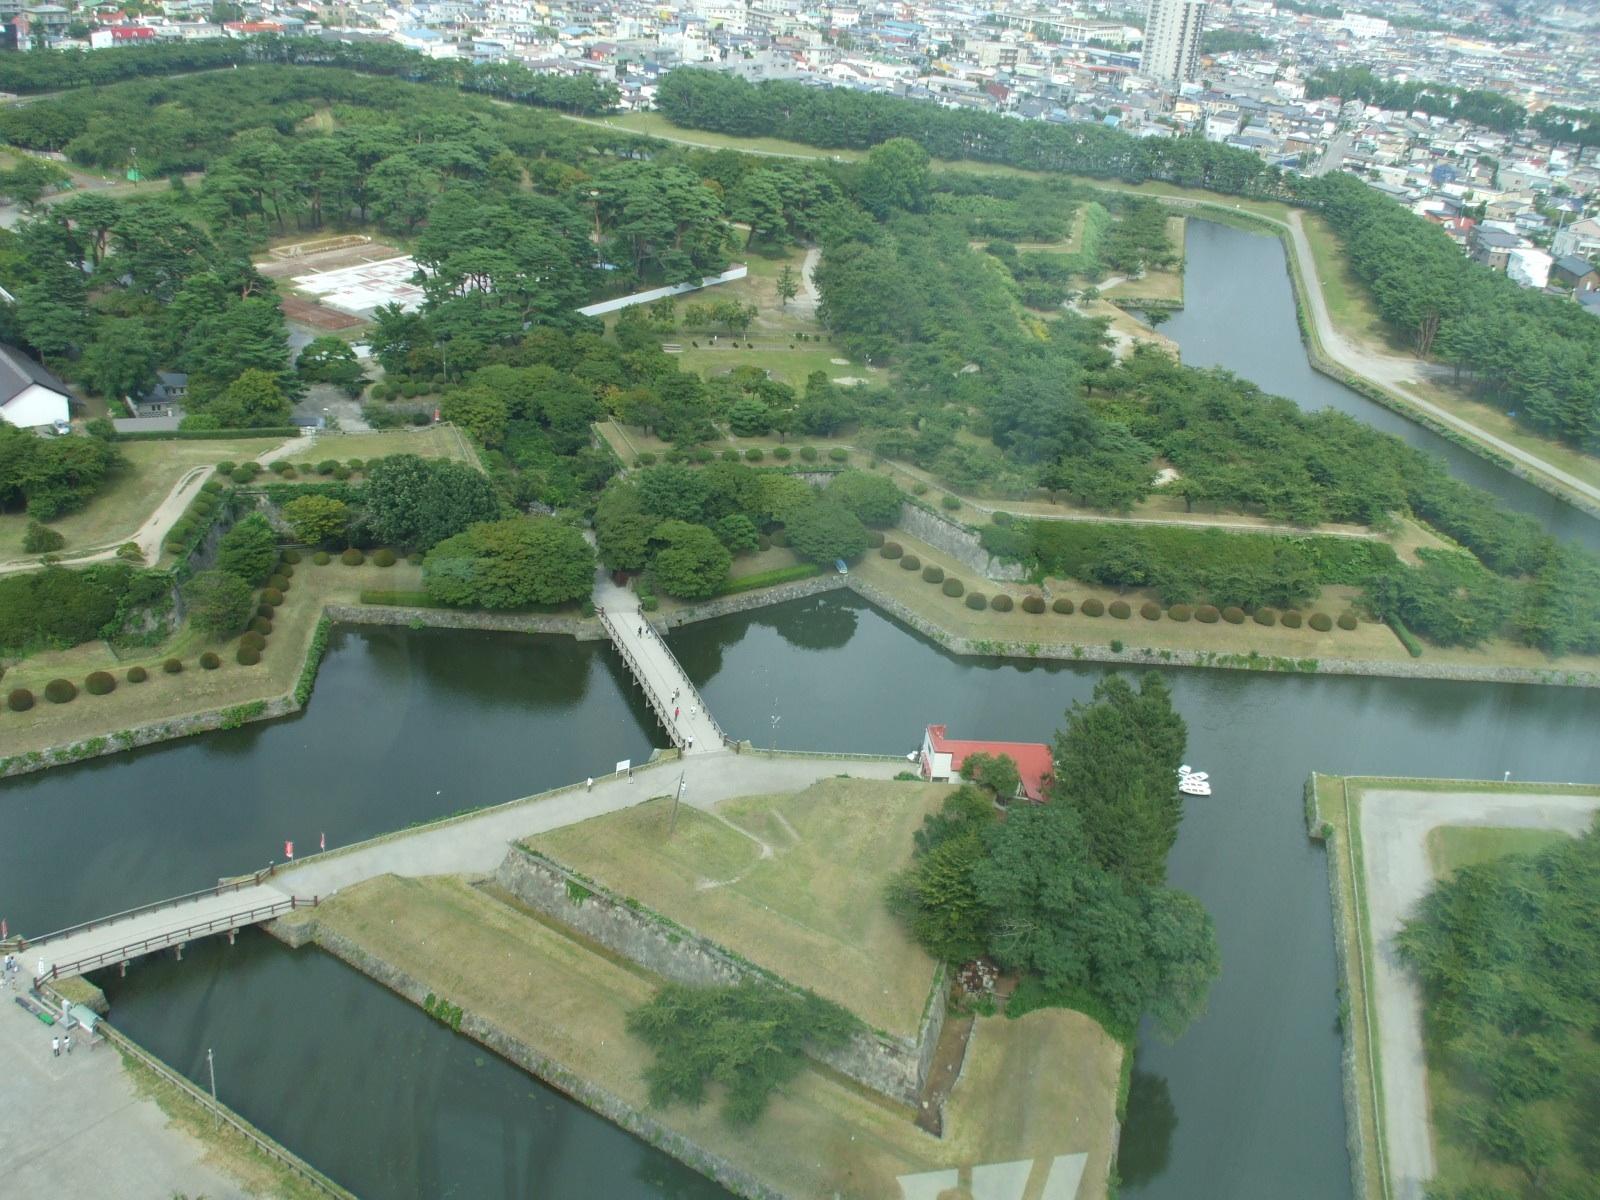 【五稜郭(ごりょうかく)】 五稜郭タワーから見る五芒星の要塞が美しい!  土方歳三が死んだ「函館戦争」の中心地